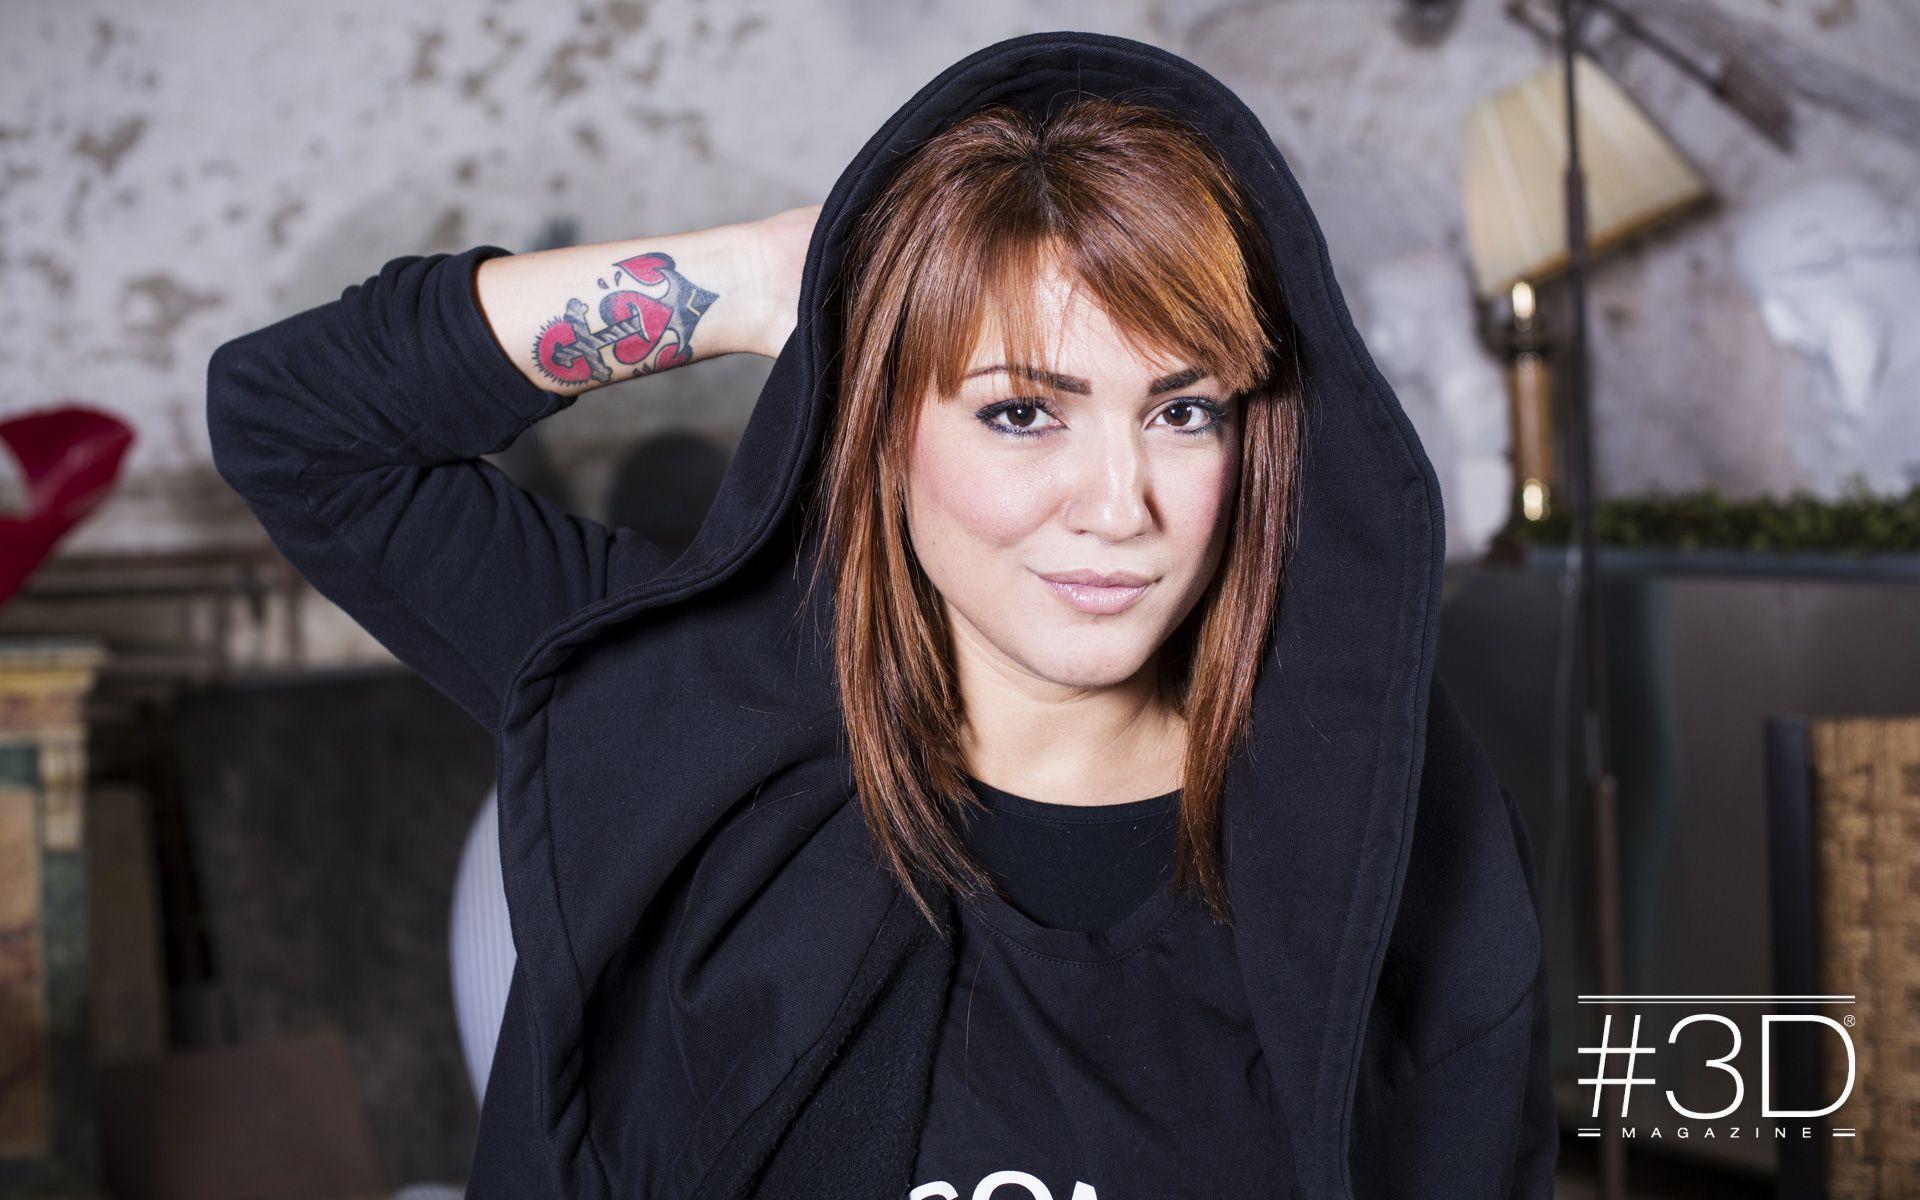 Valeria Aiello